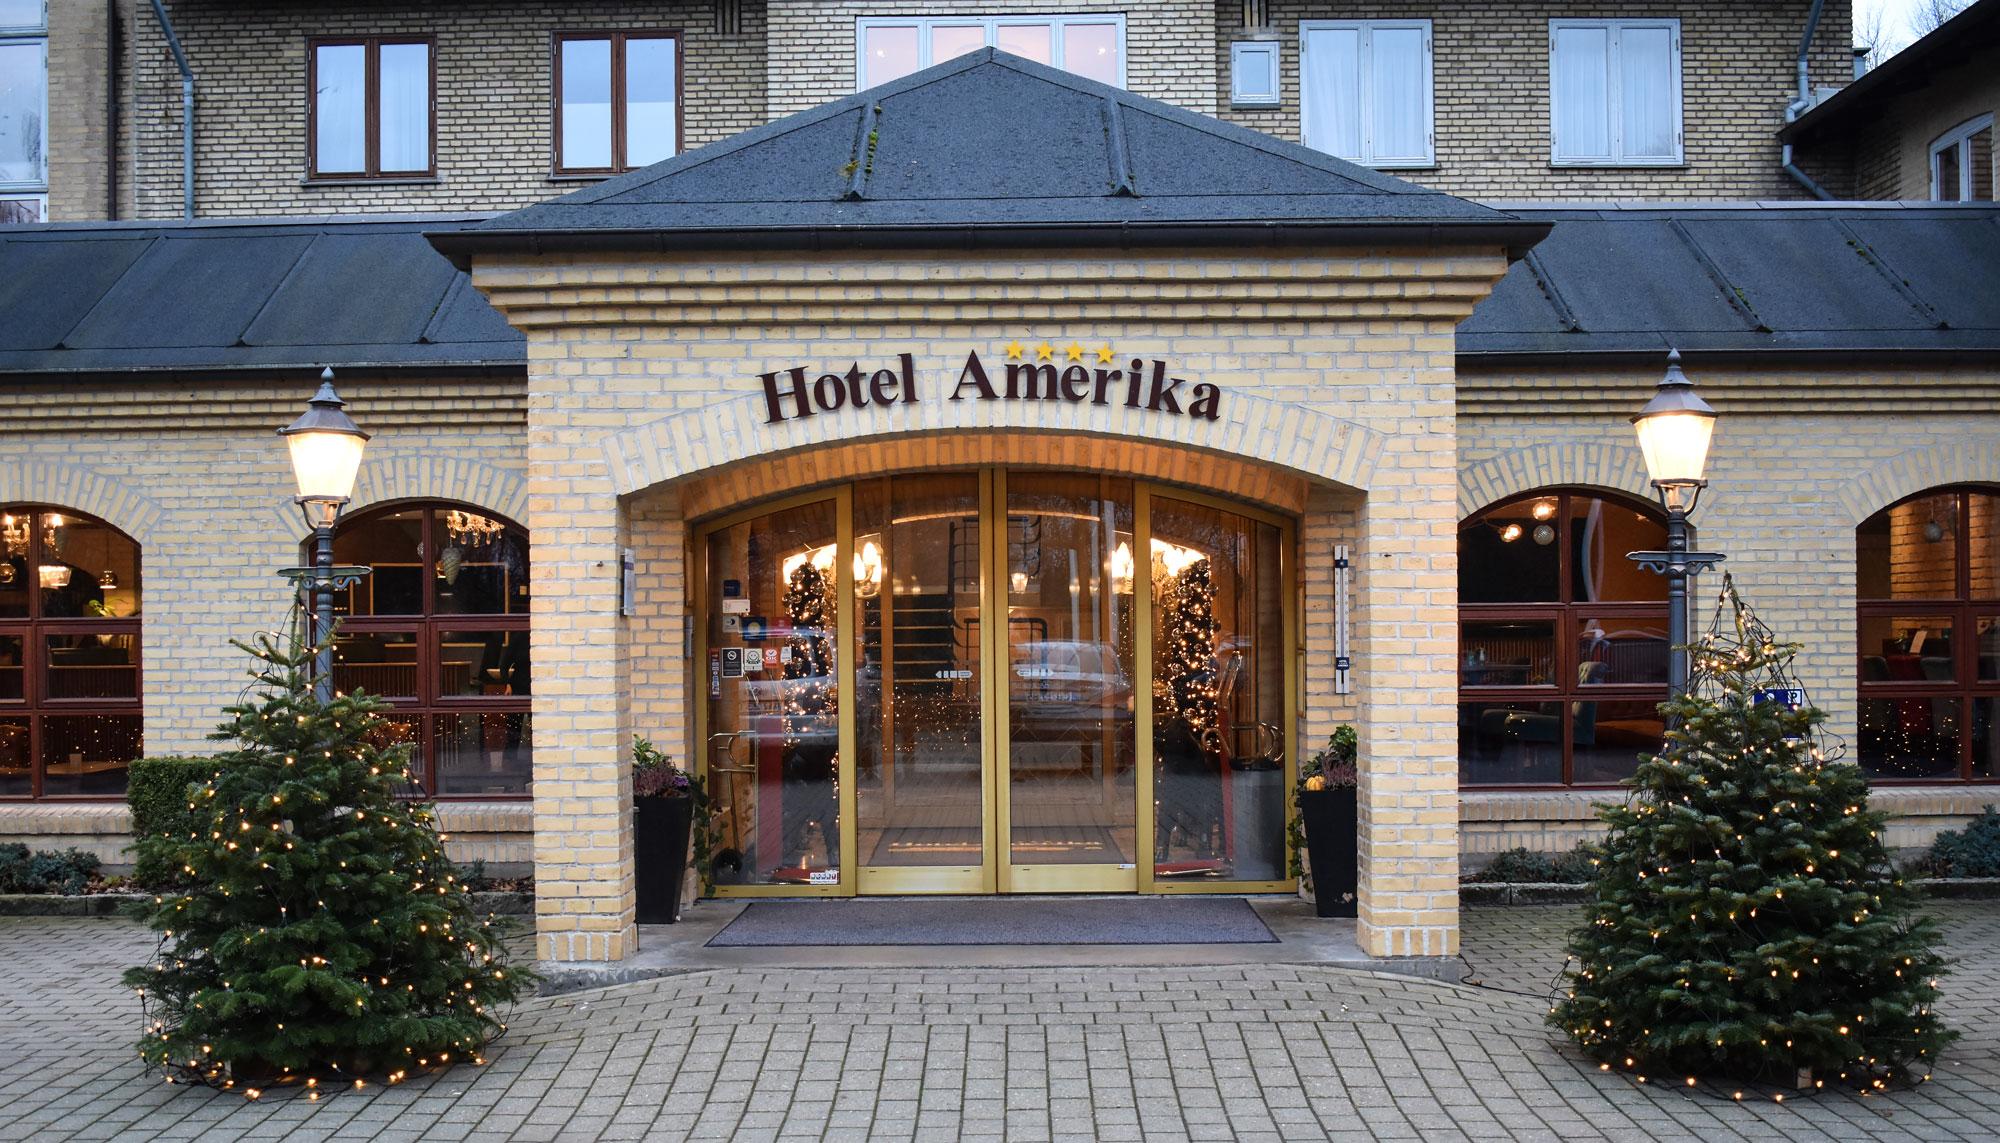 Gourmet og forkælelse: Få 25 % rabat på det ultimative hotelophold